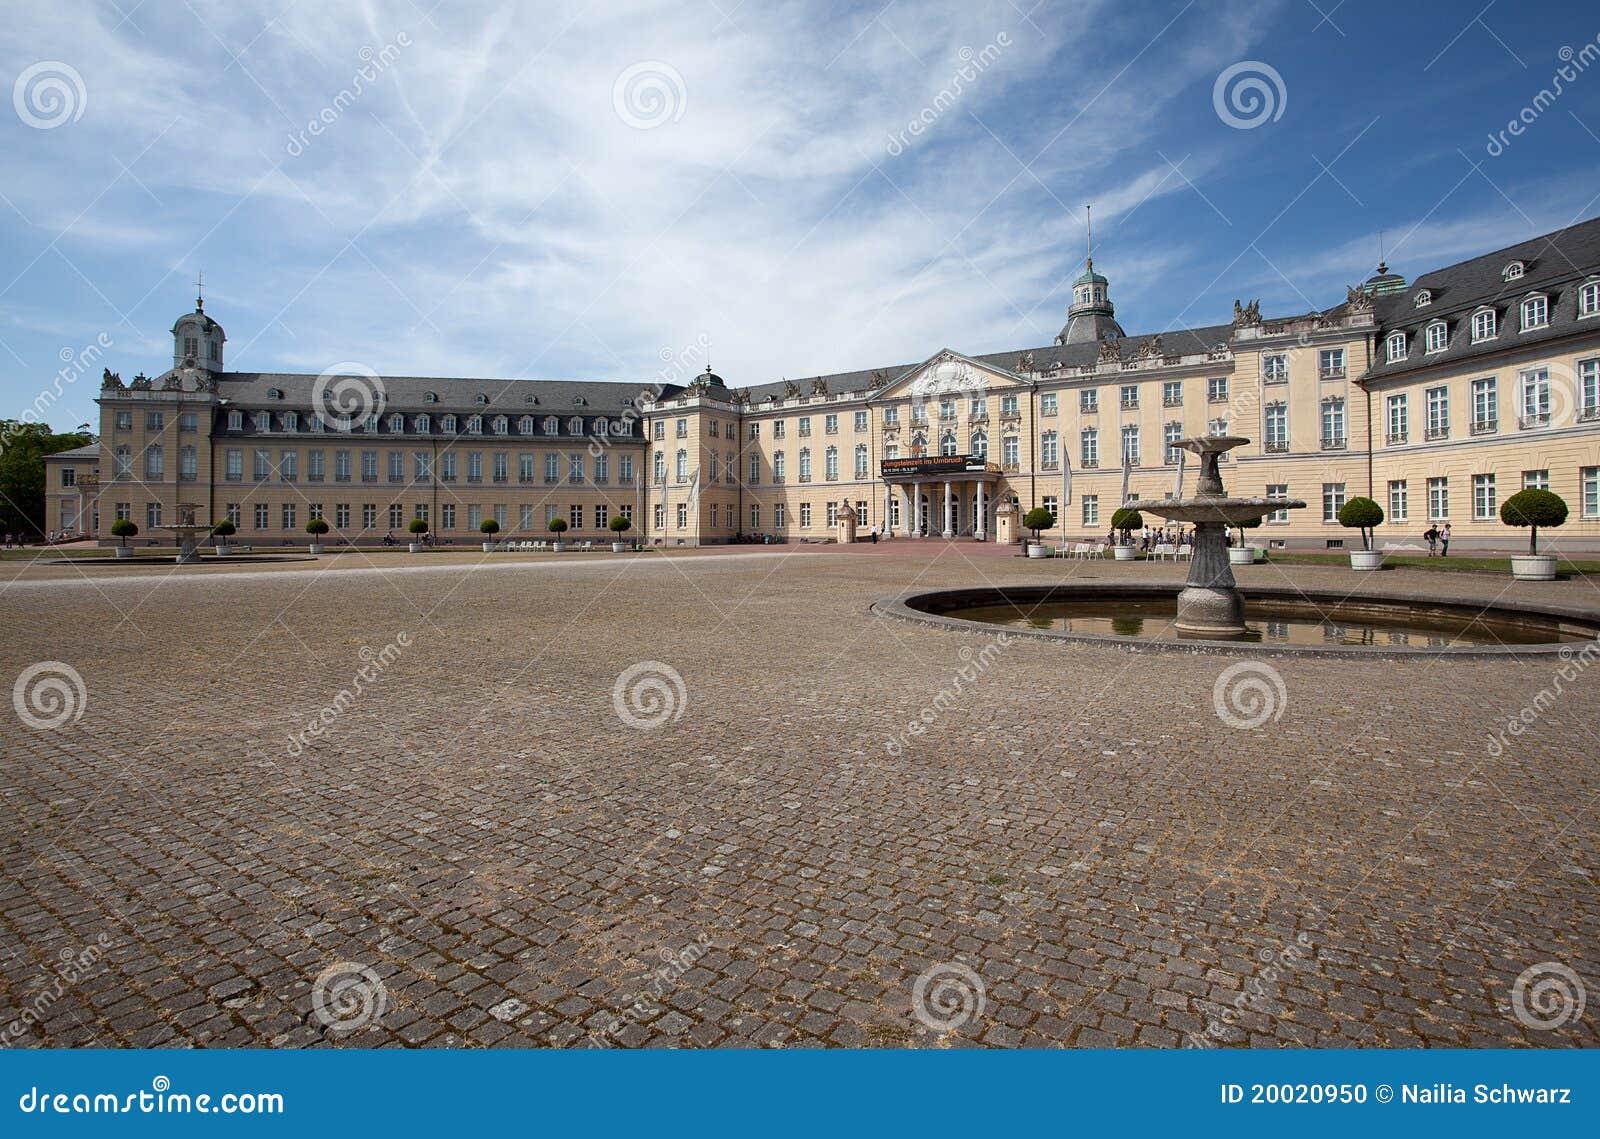 Palast in Karlsruhe Deutschland